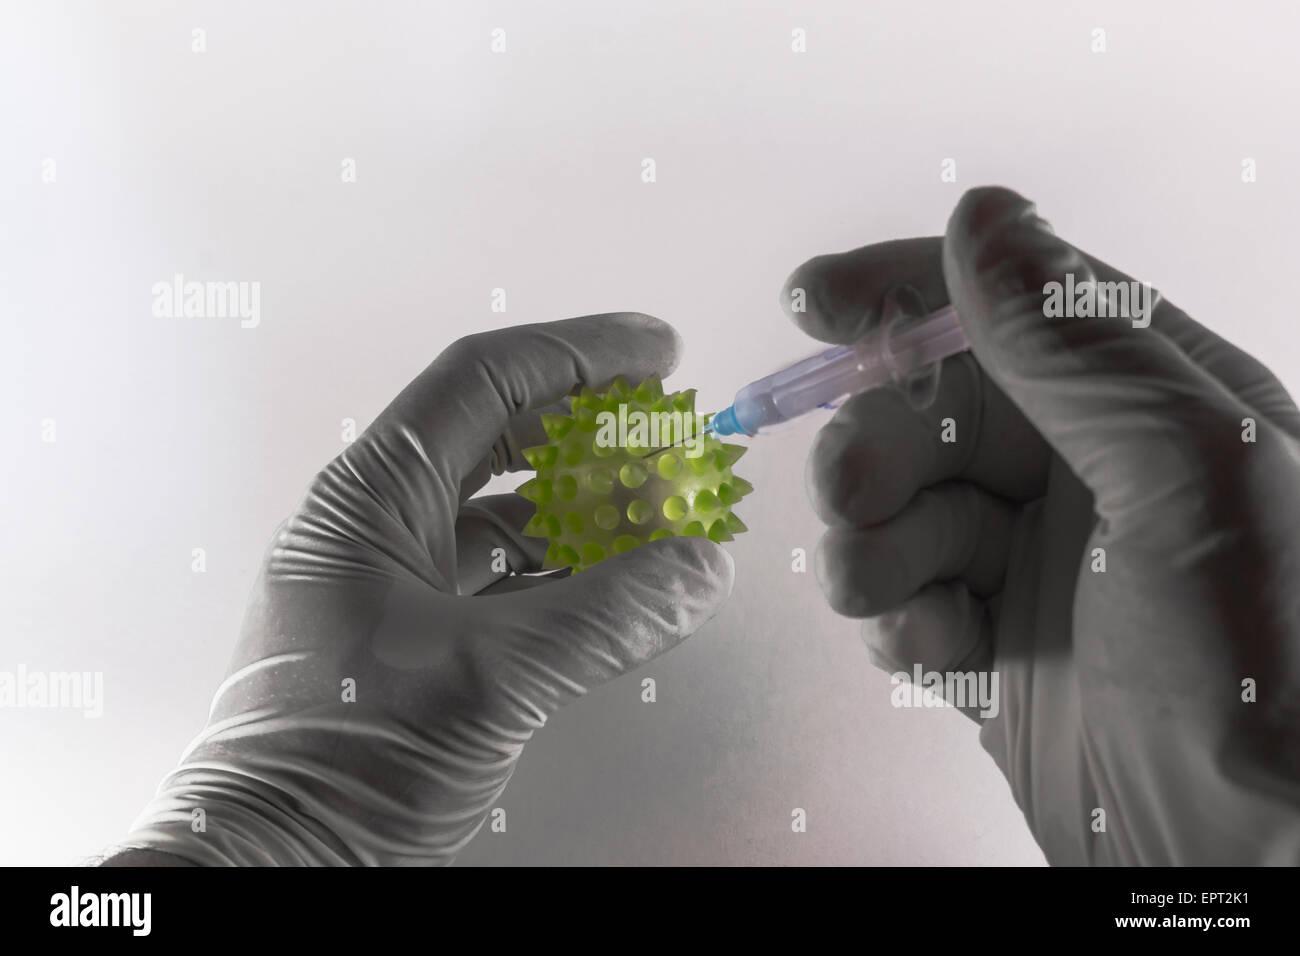 Zwei Latex gekleidete Hände Einspritzen einer Injektionsspritzen in einem großen grünen Virus auf weißem Hintergrund Stockfoto